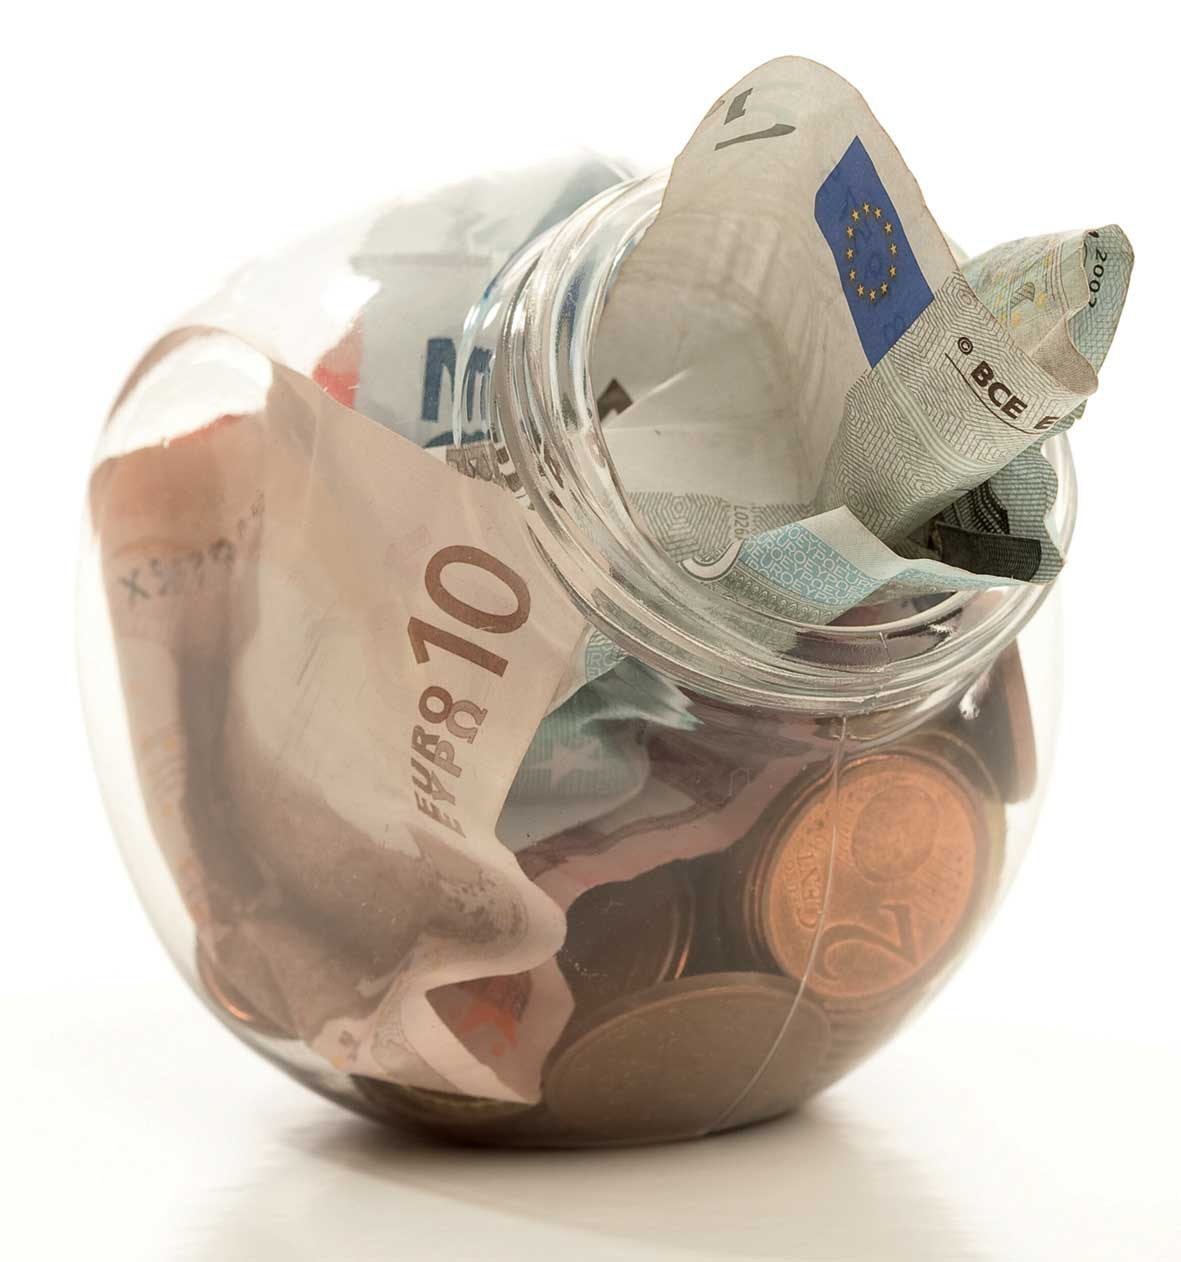 risparmio barattolo vetro soldi euro FbySh 1